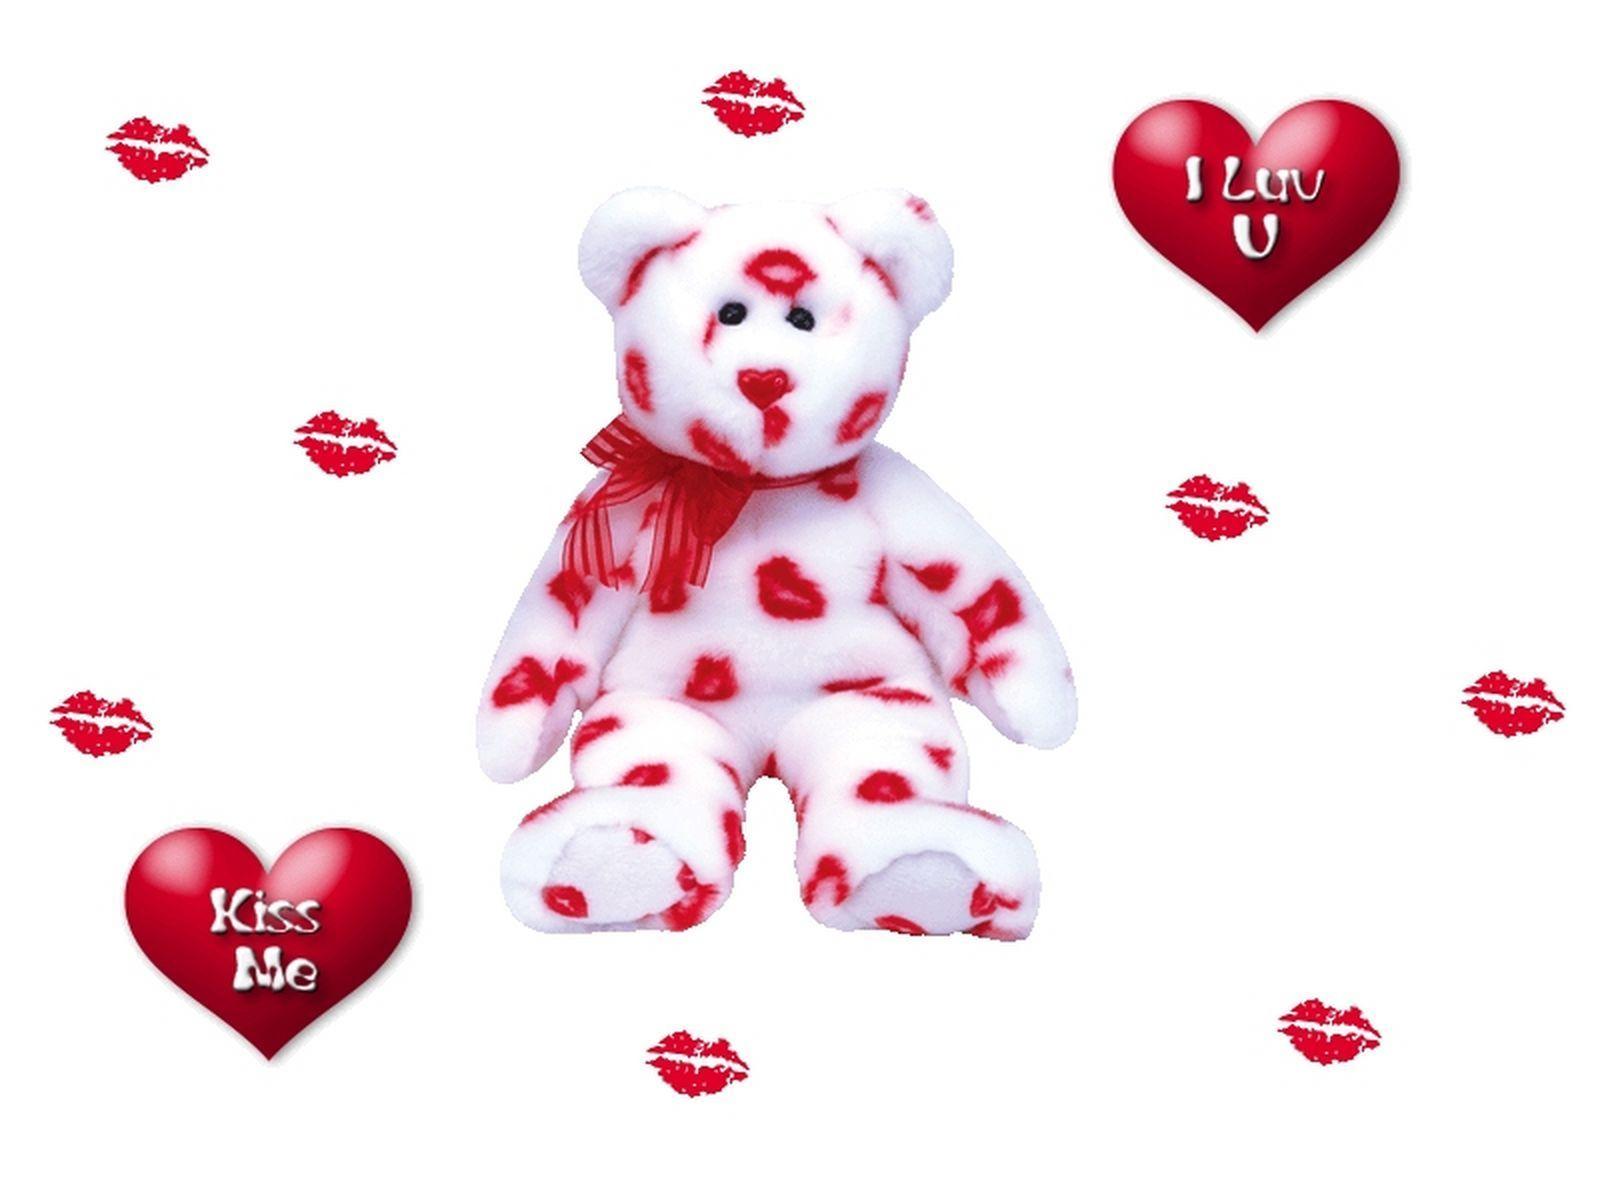 http://4.bp.blogspot.com/-rtMyrIveI5E/ToAS3uVVinI/AAAAAAAACY0/Gn4JNf6MDgE/s1600/Love-Wallpaper-love-2939257-1600-1200.jpg